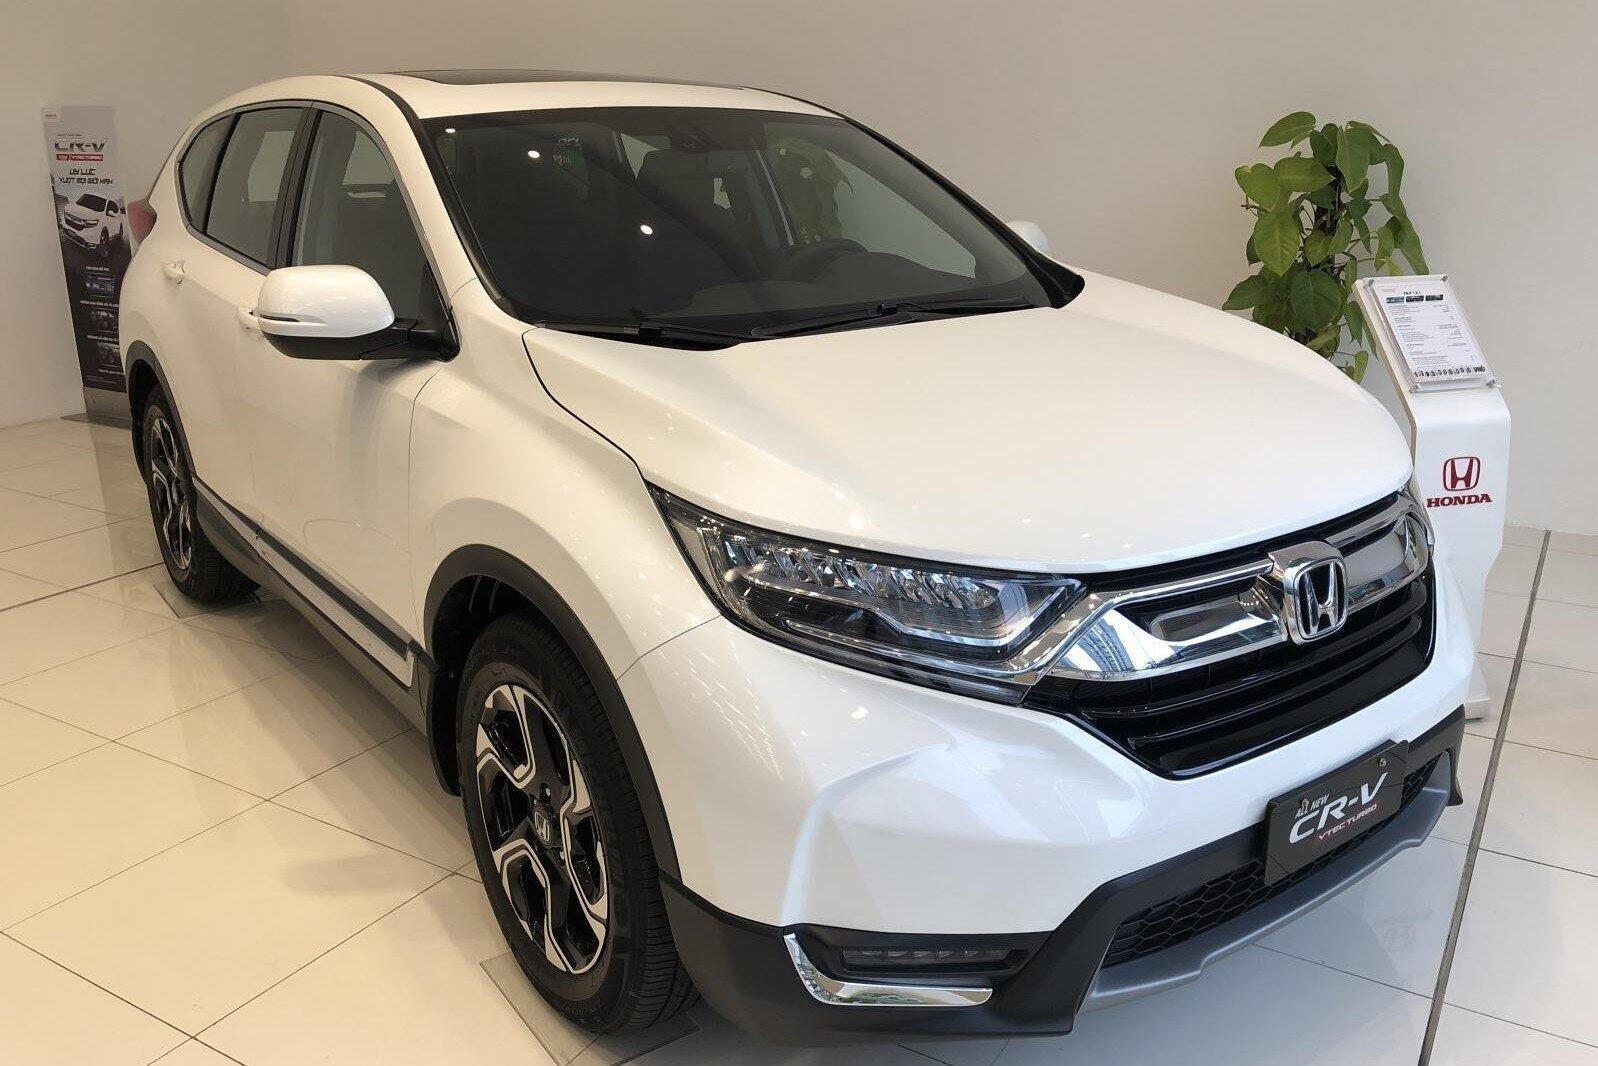 nhung-man-loi-nguoc-dong-thi-truong-o-to-viet-nam-2019-xpander-ha-be-innova